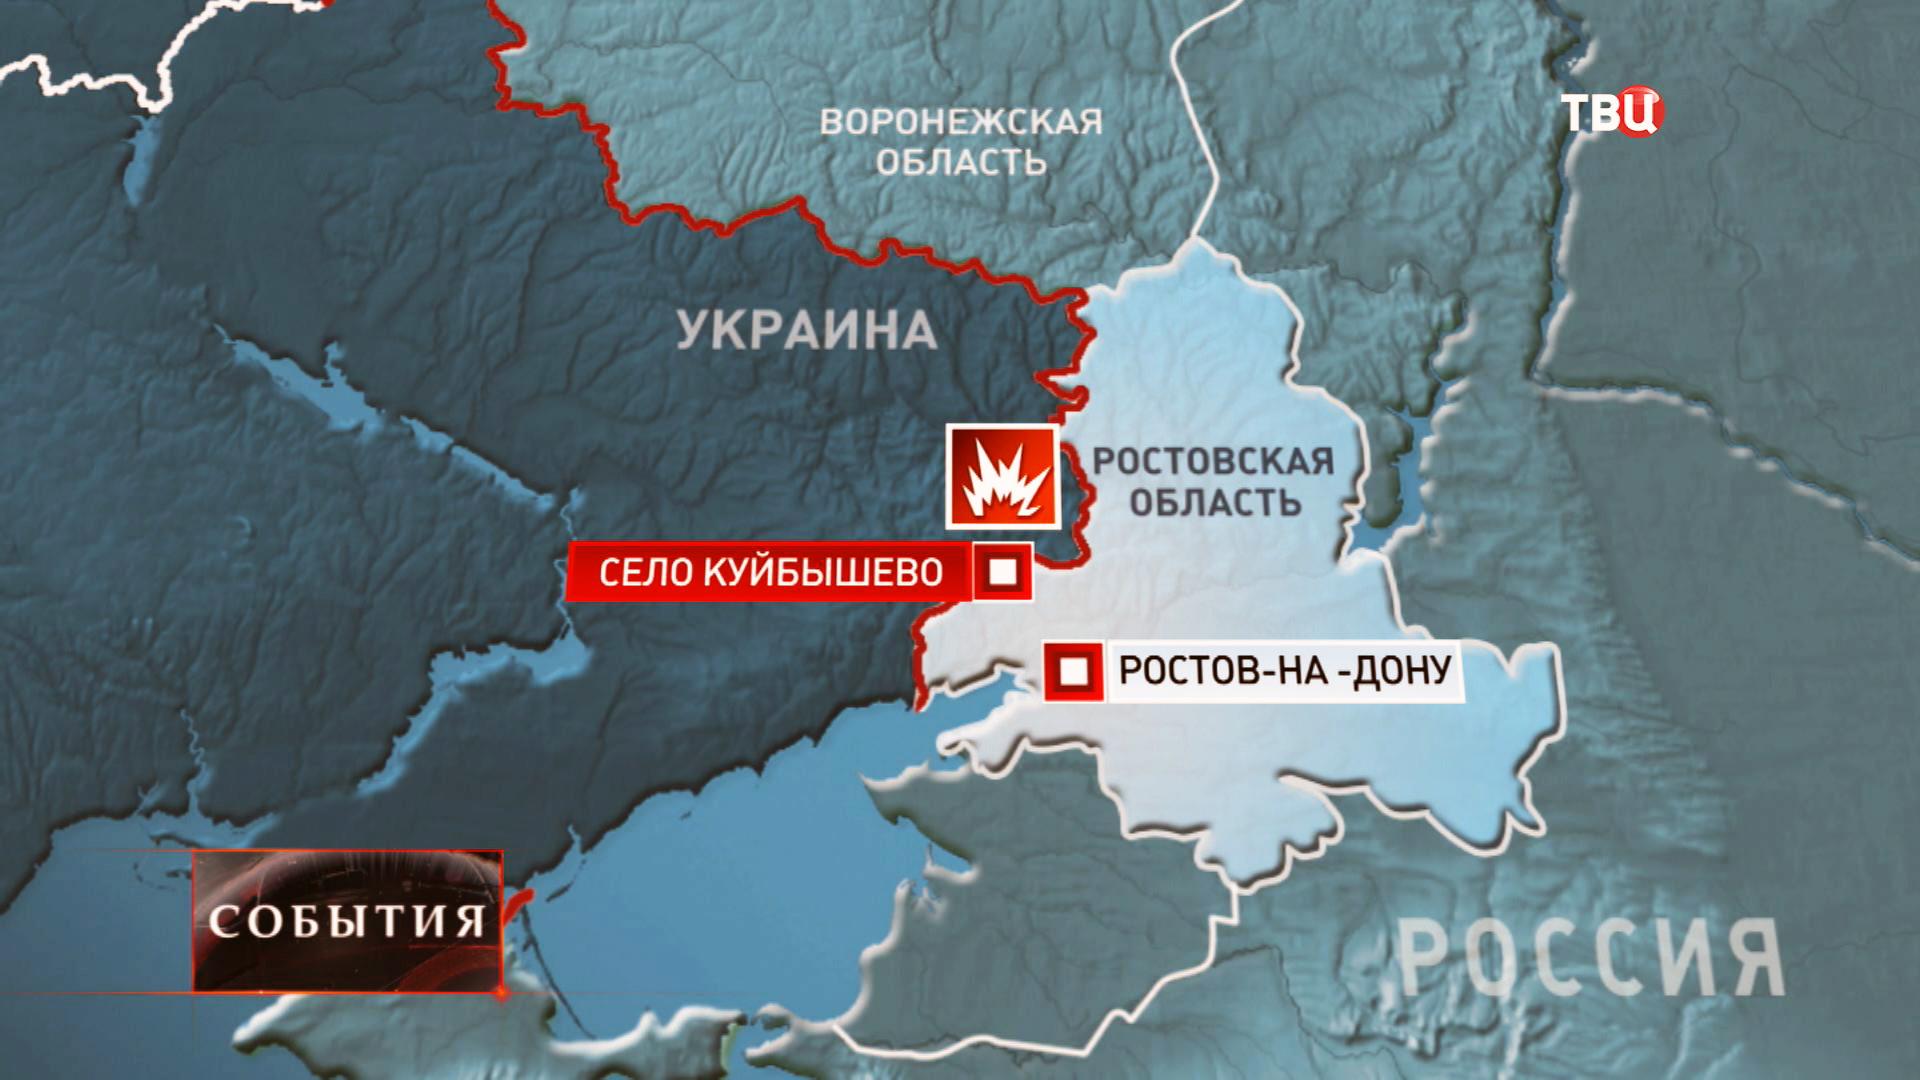 Село Куйбышево на карте, где произошли взрывы снарядов украинской армии